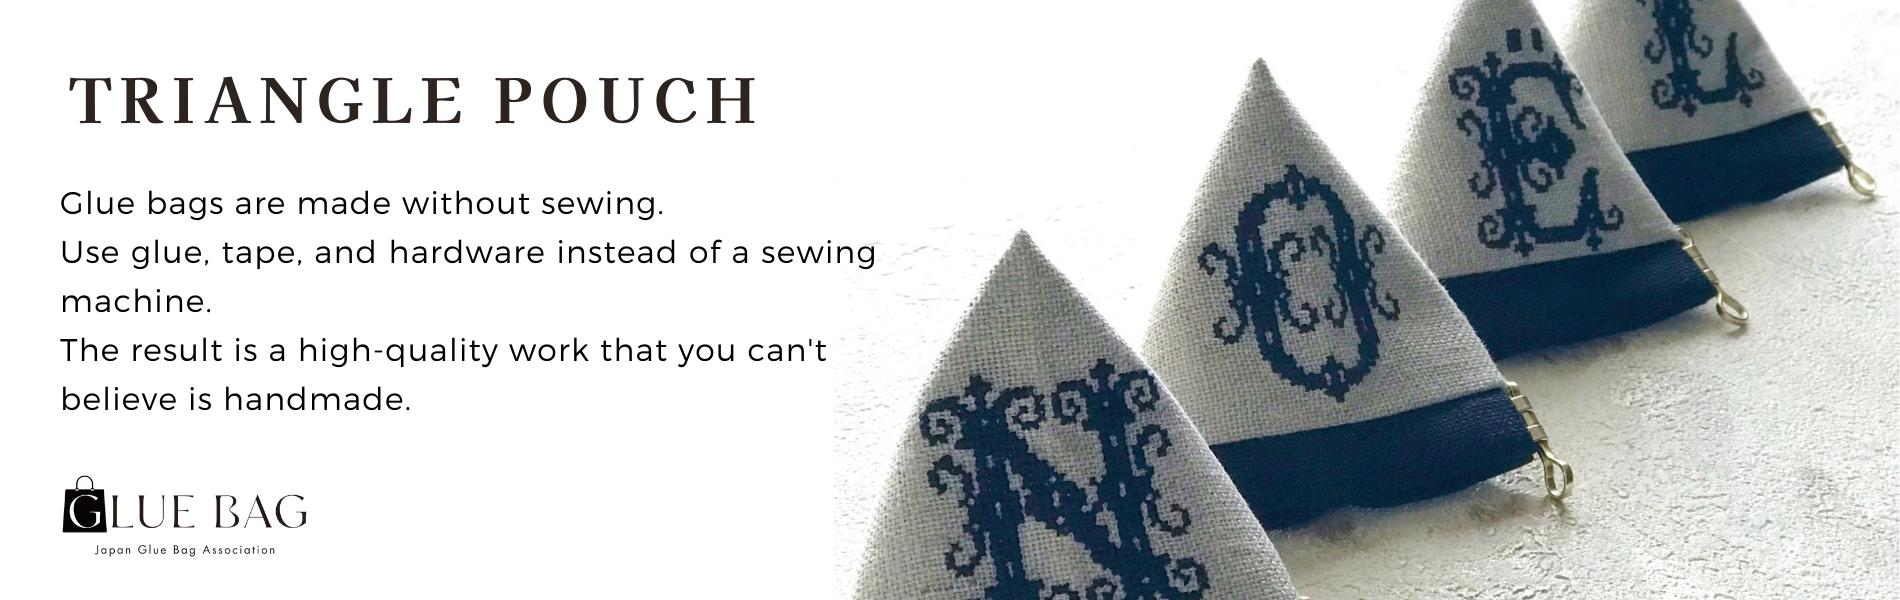 Glue Bag online shop